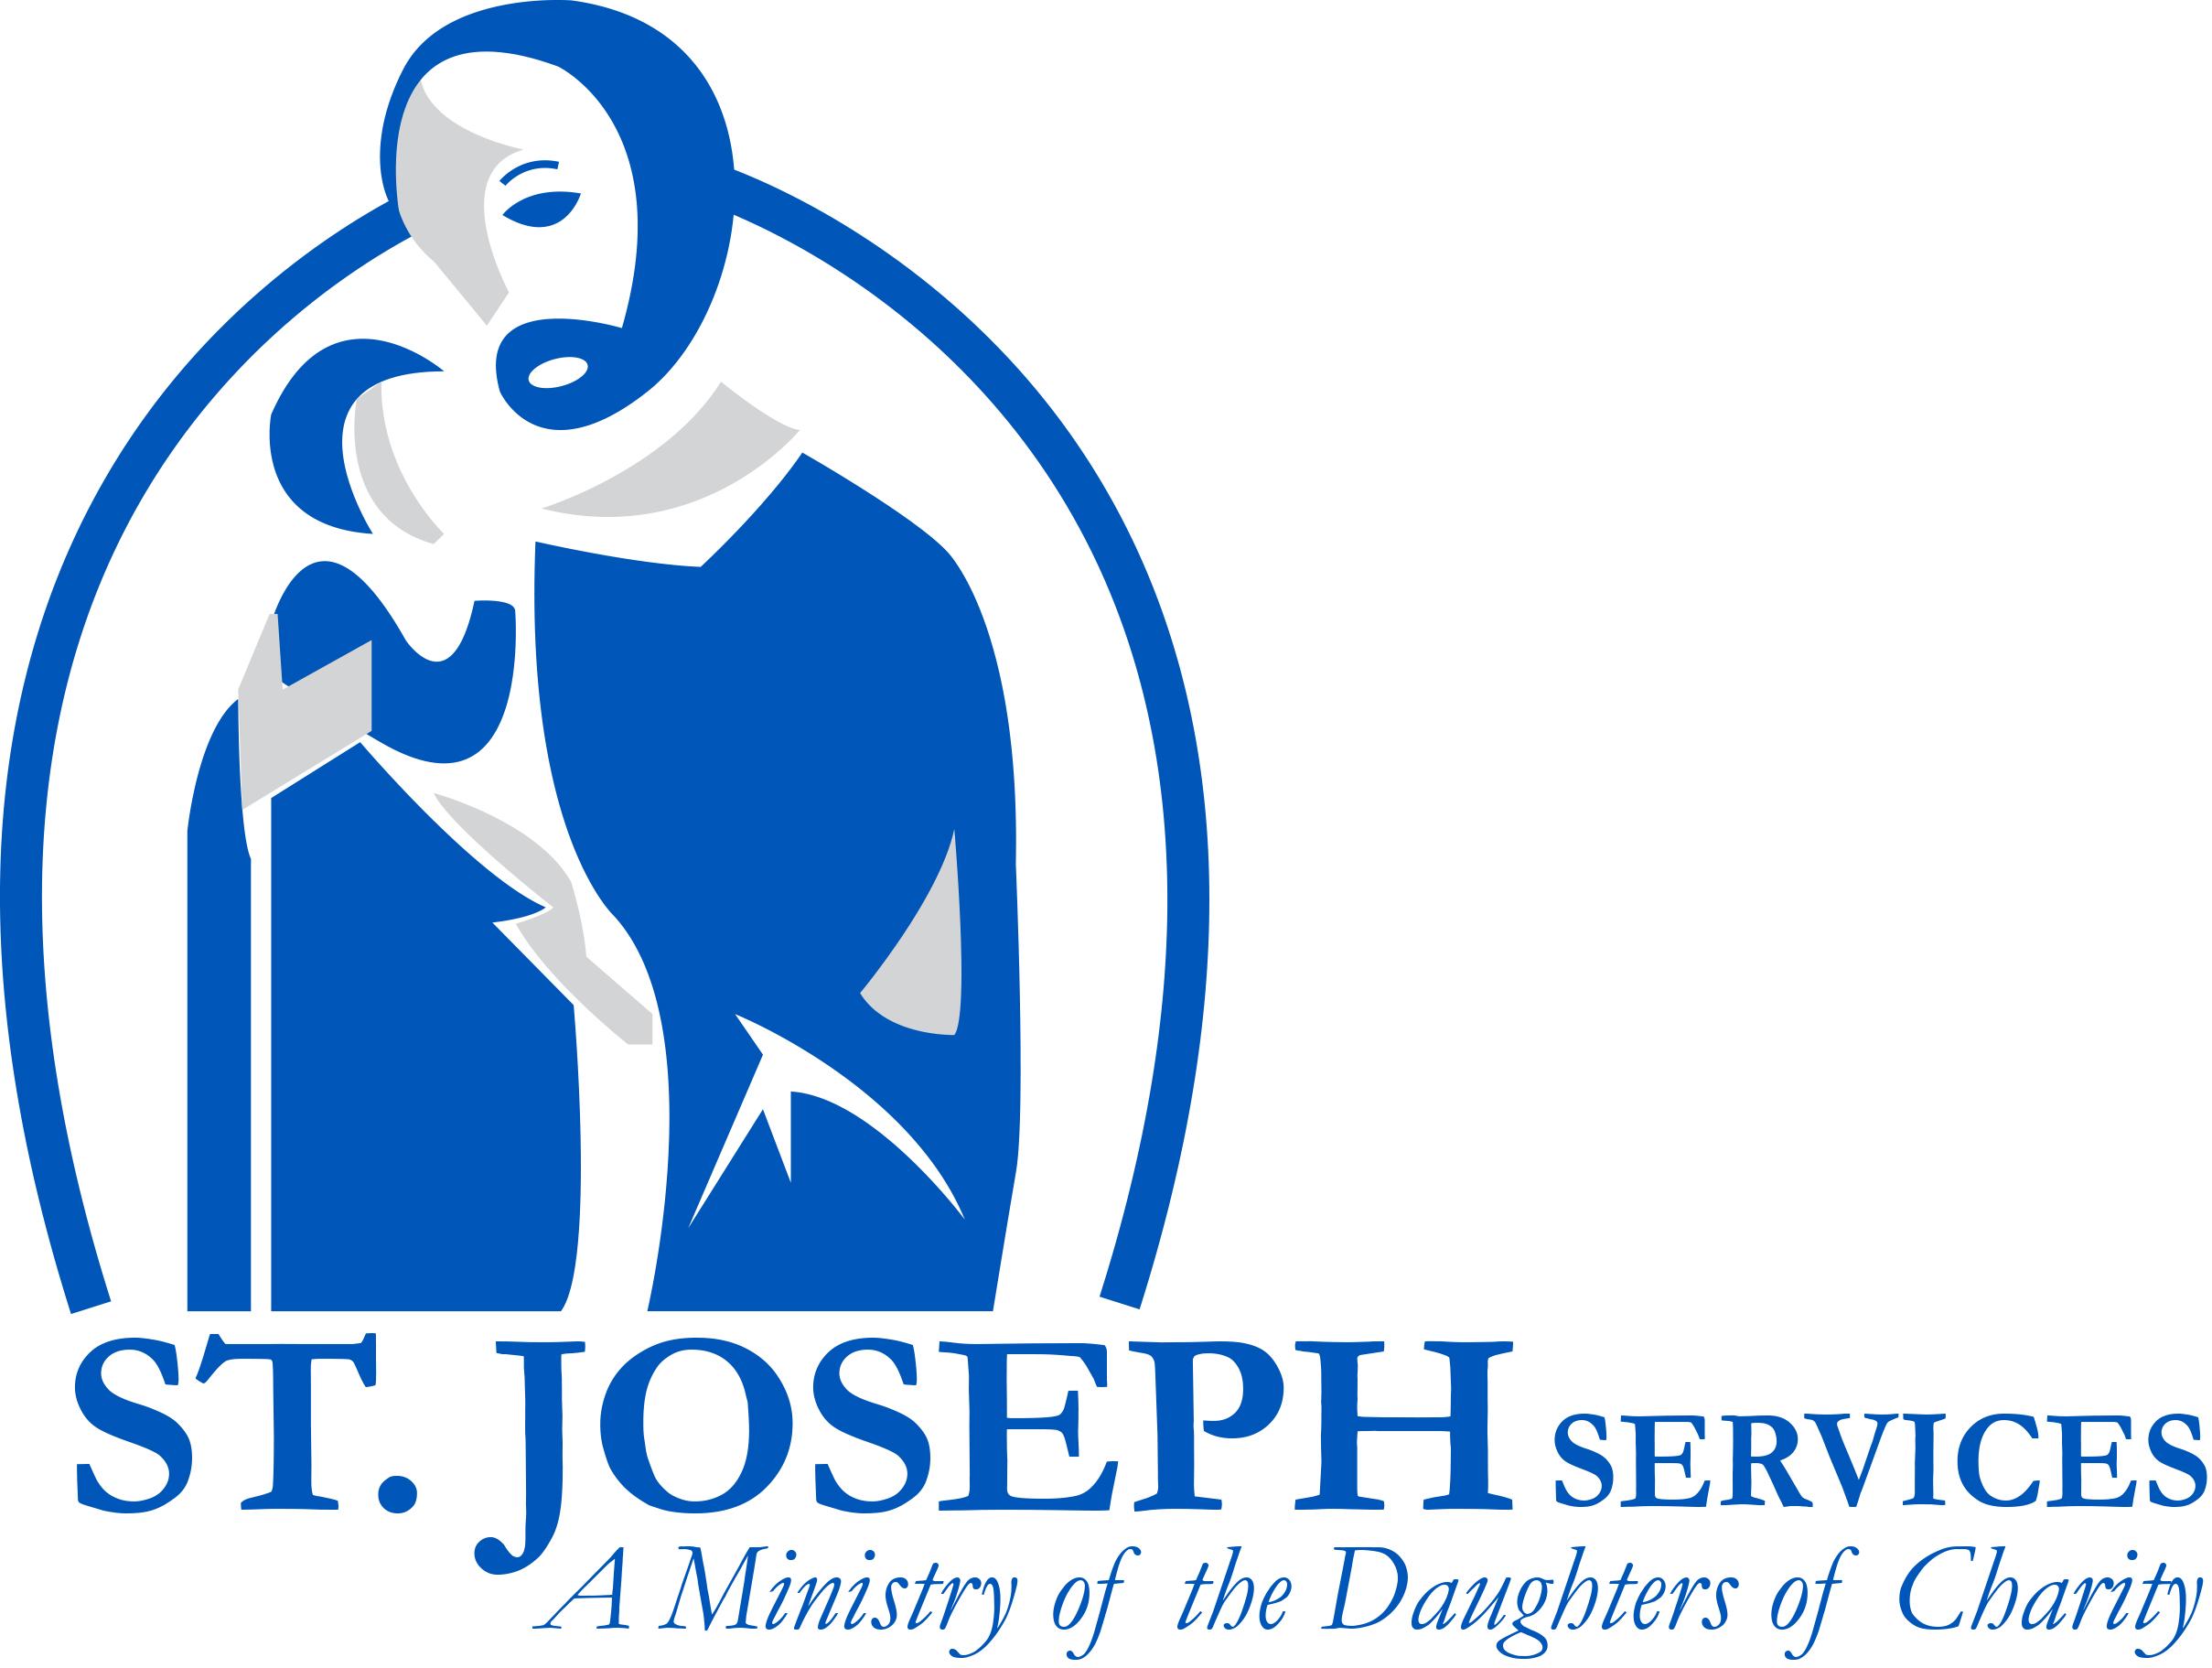 St. Joseph Services